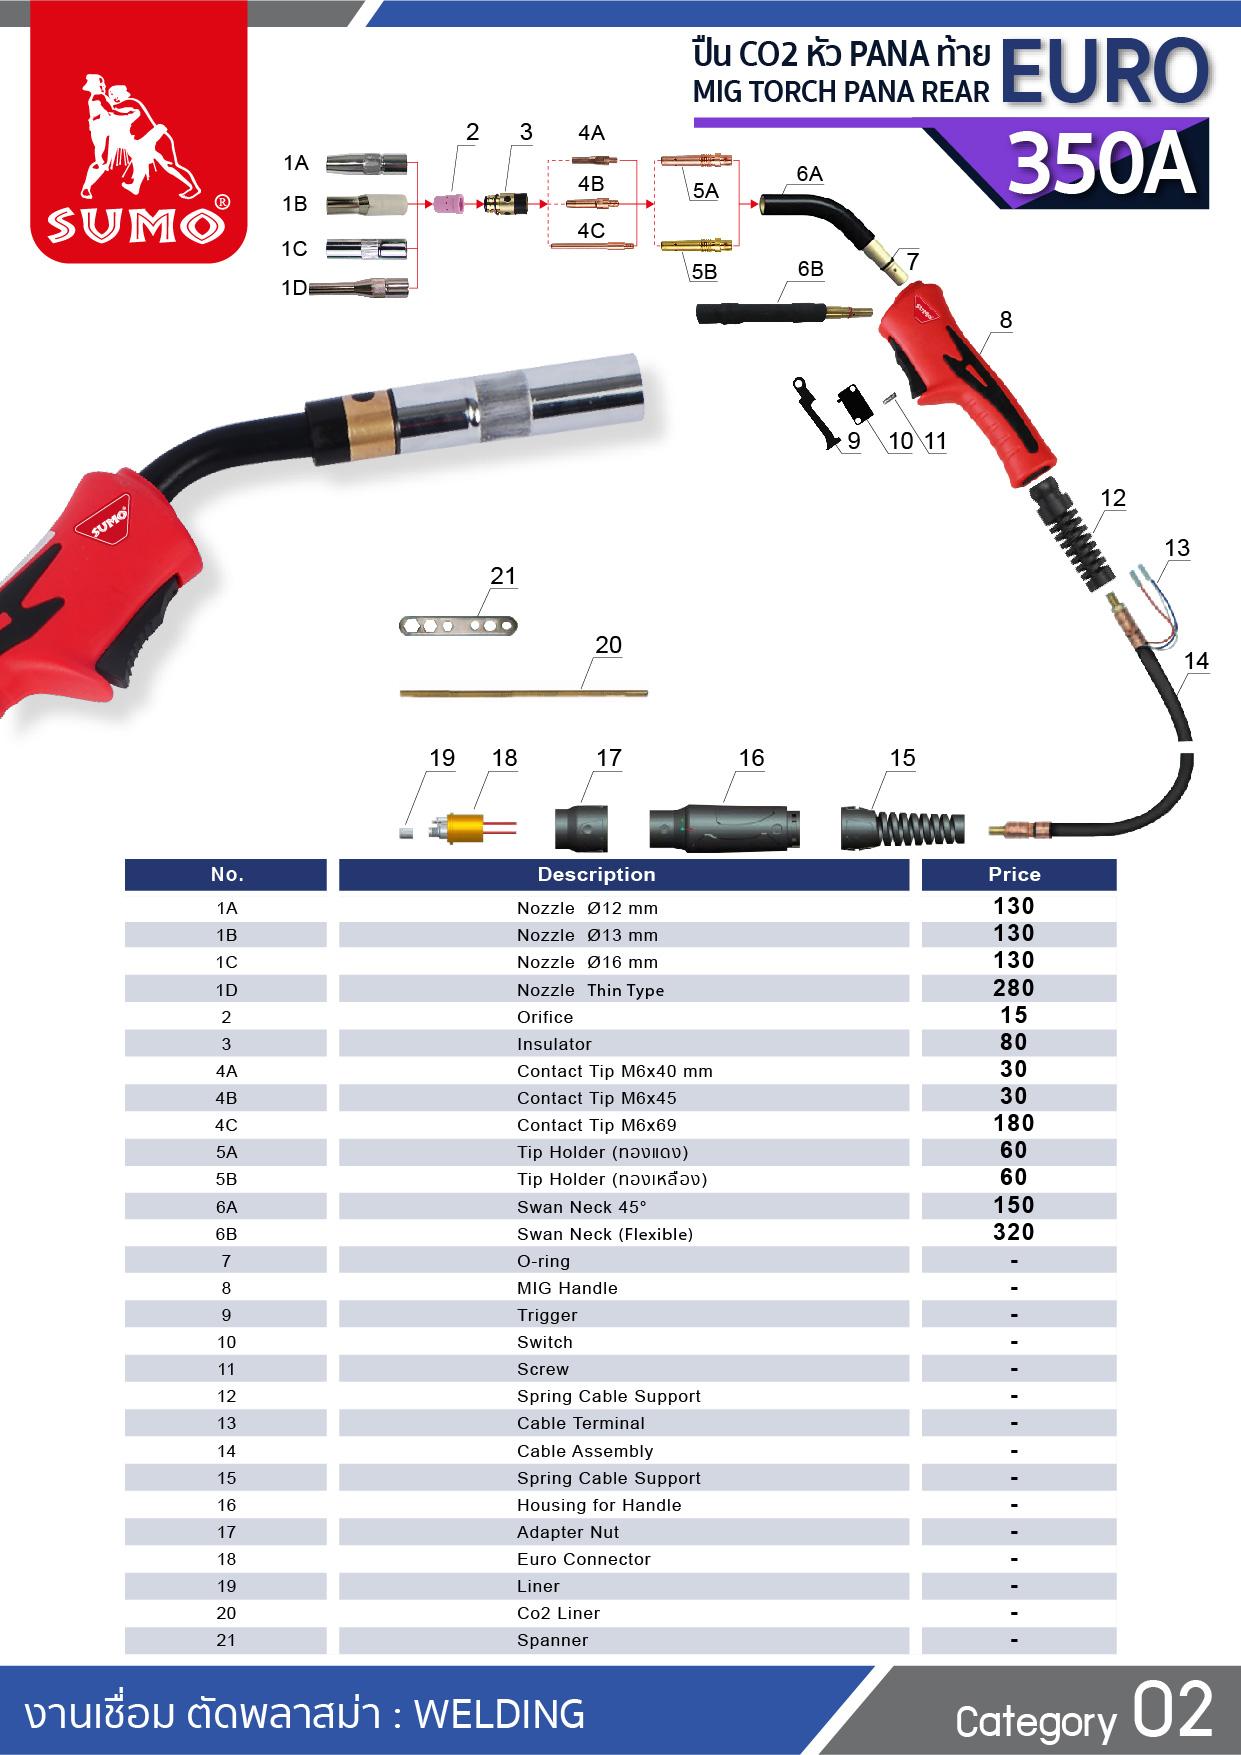 (147/277) ปืน CO2 PANA 350A EURO Tail